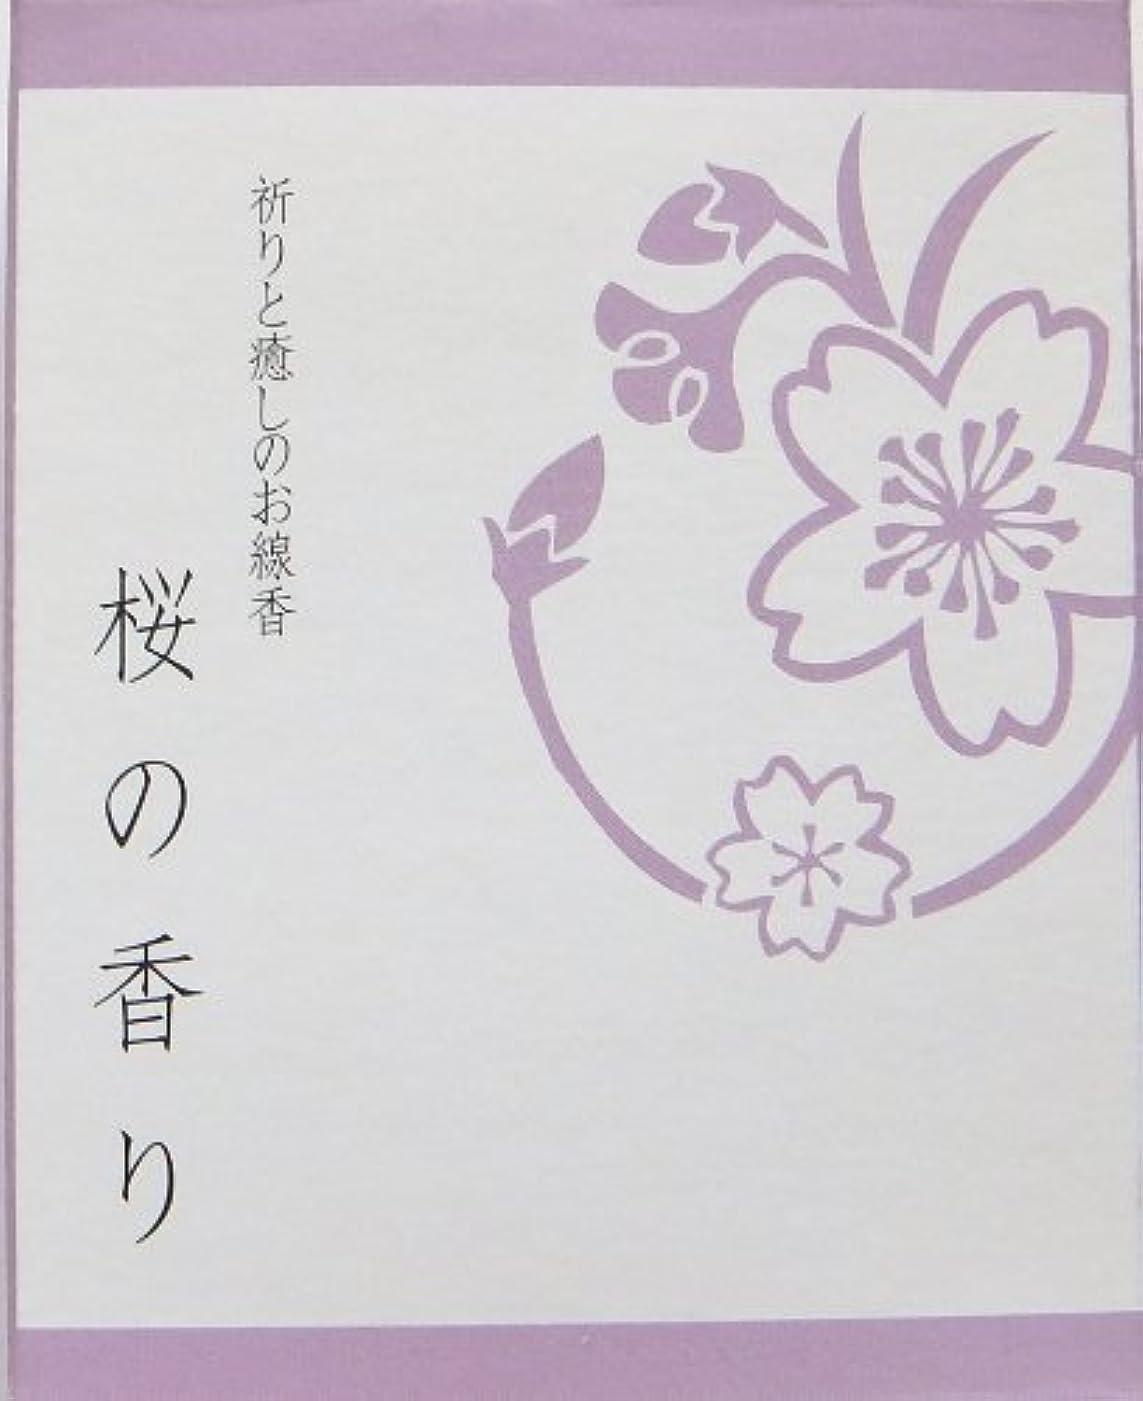 ハンマー摘むバー祈りと癒しのお線香ミニ 桜